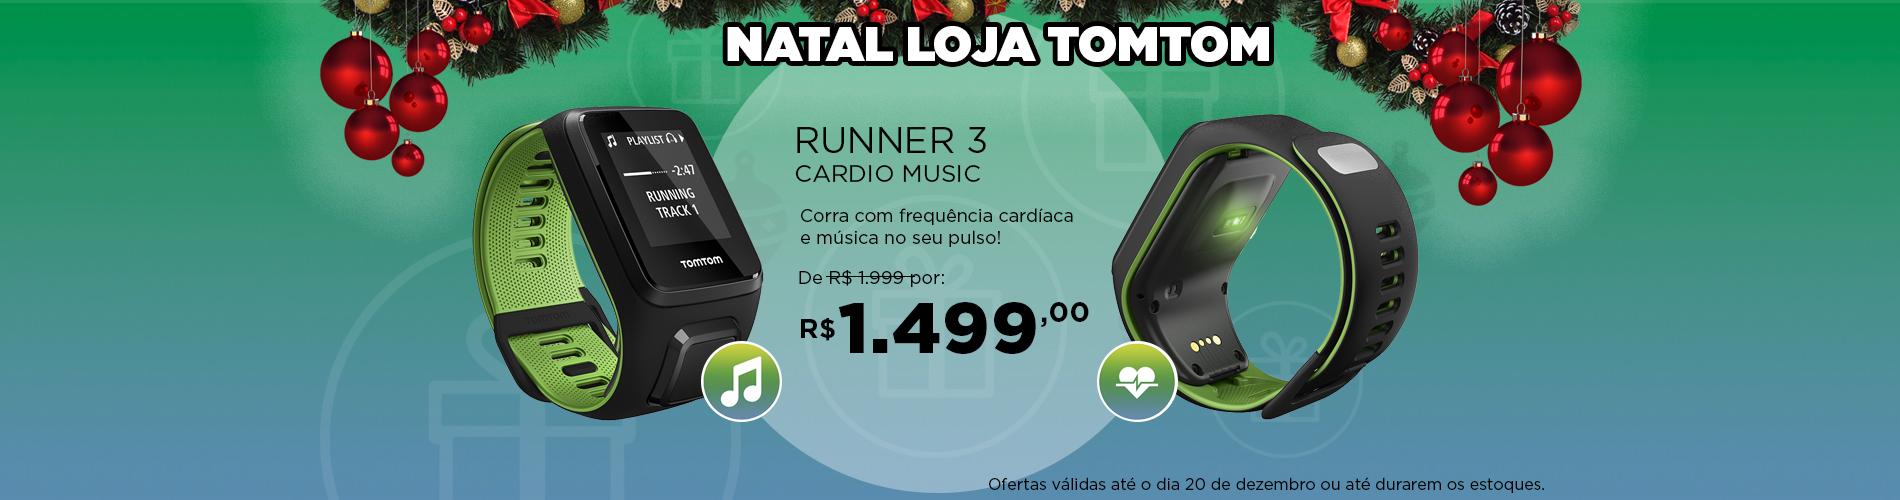 Runner 3 Cardio Music